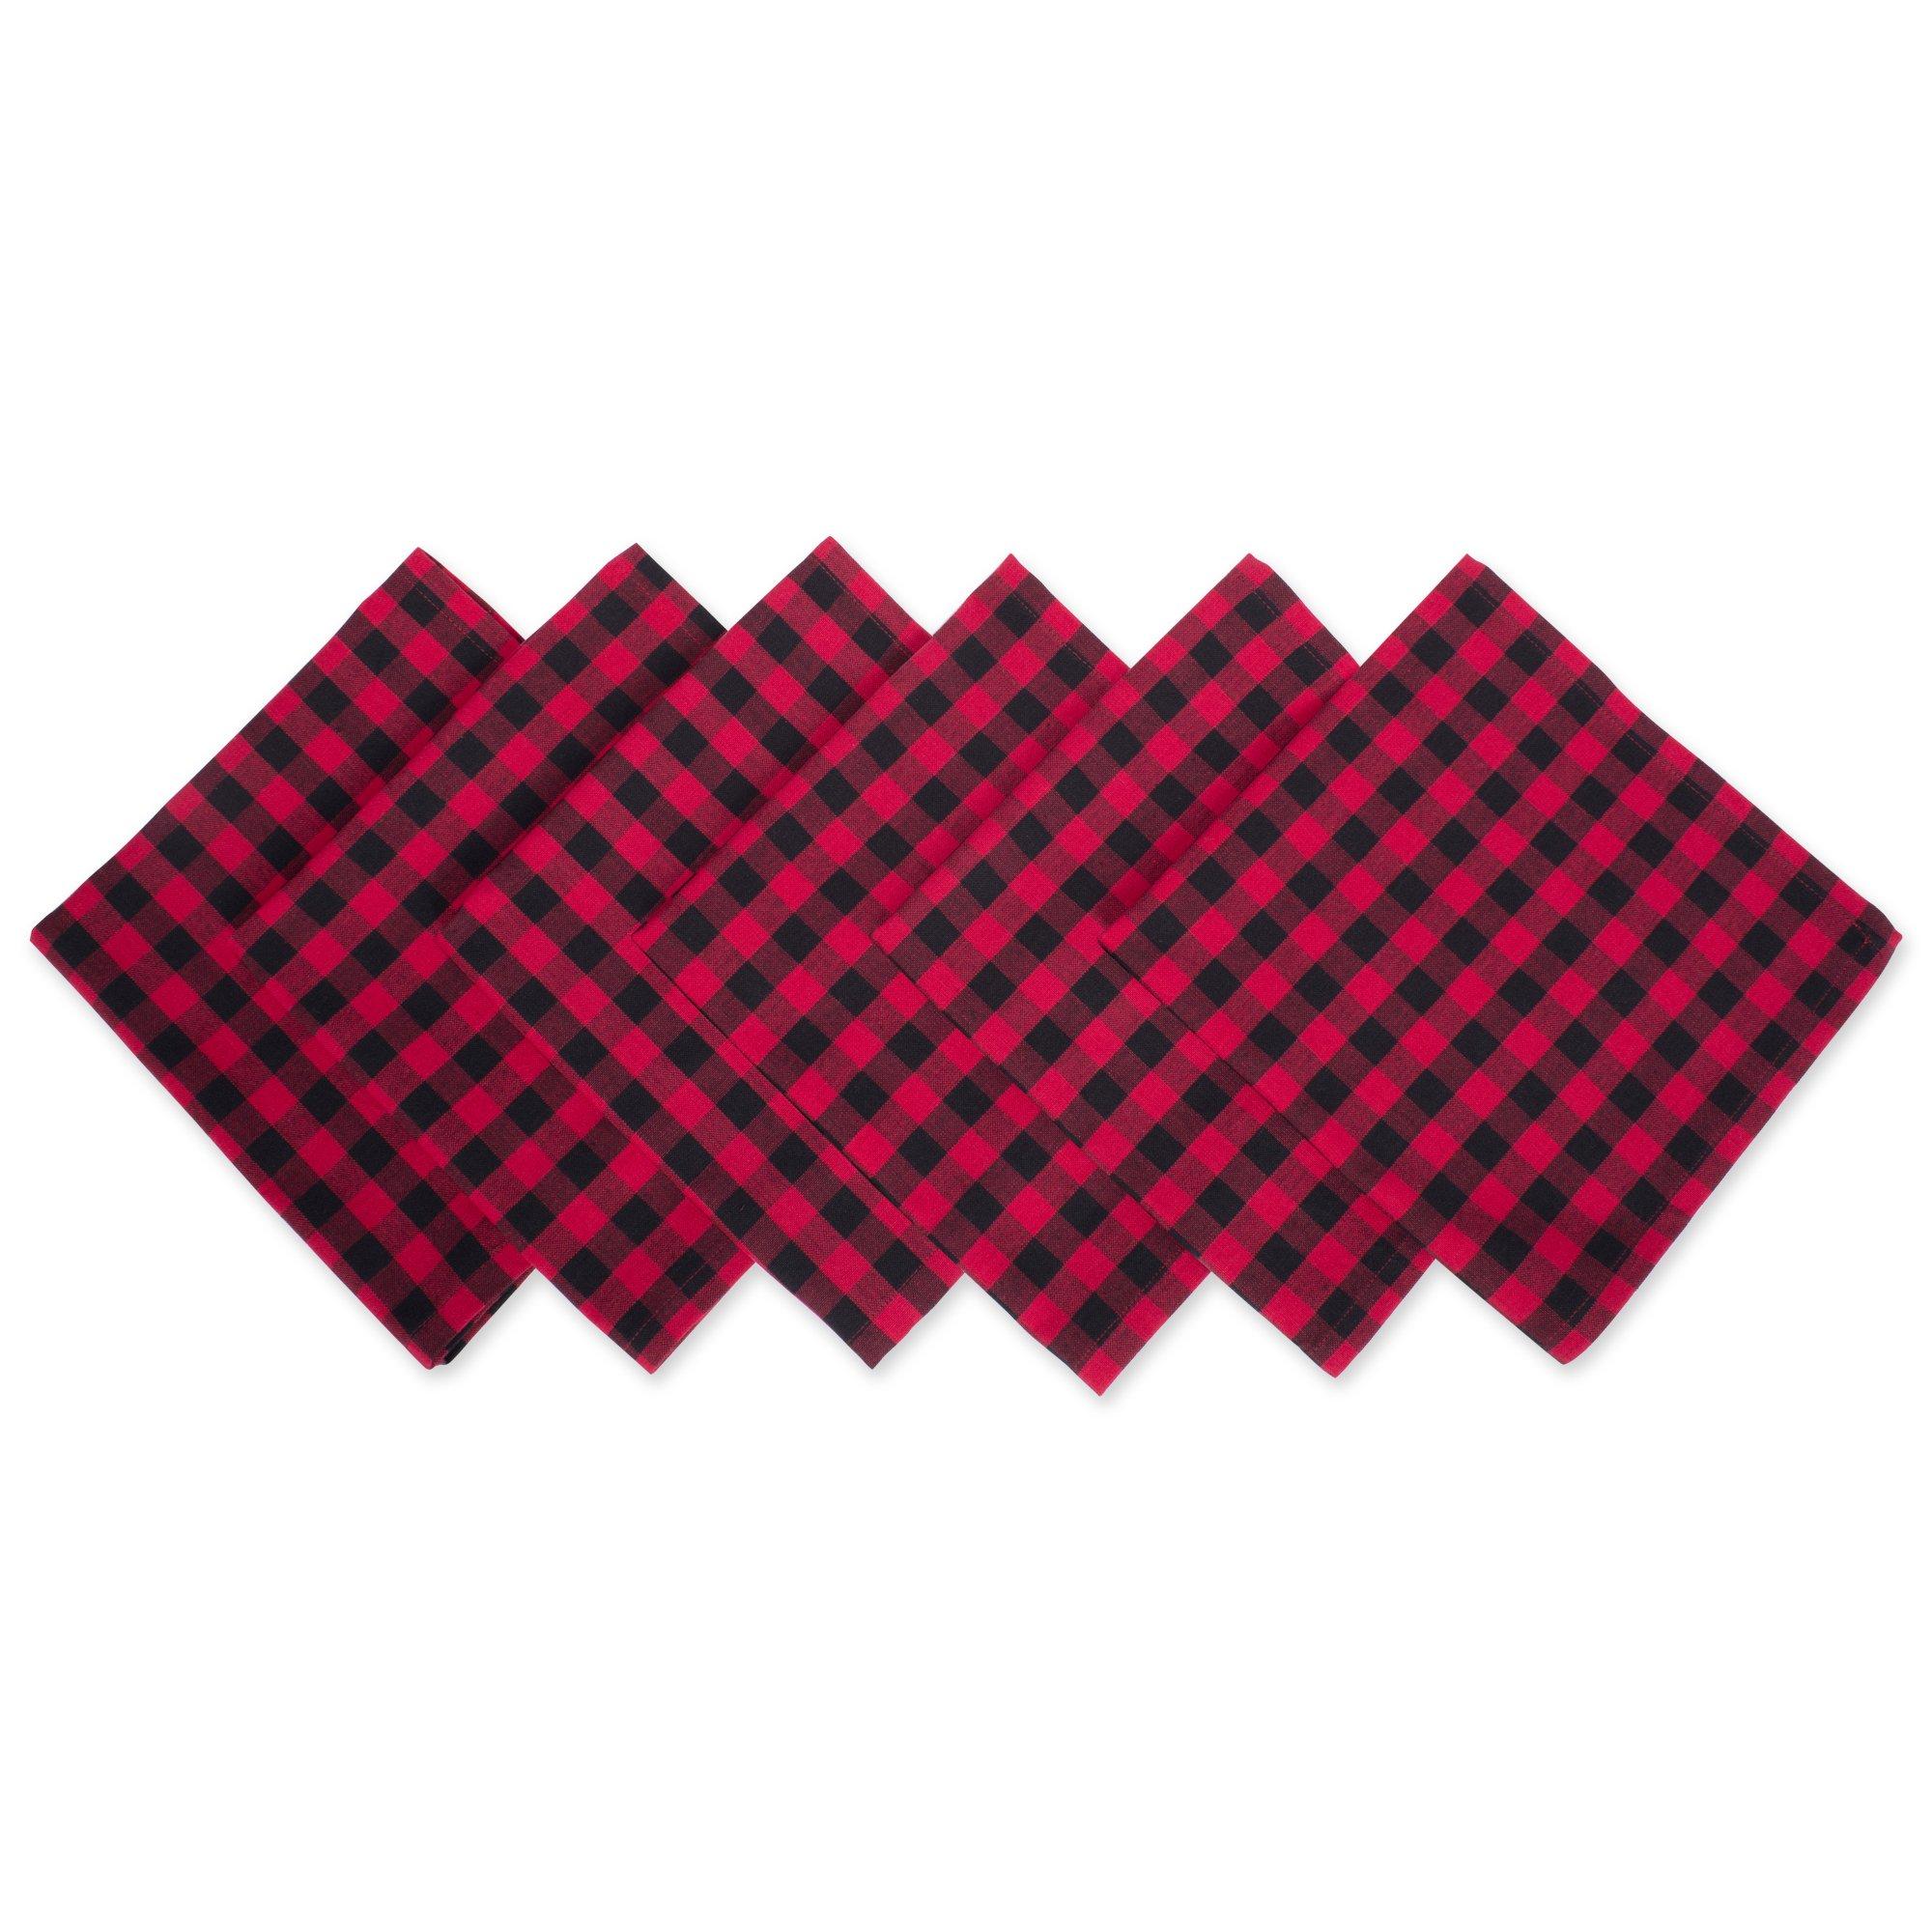 DII Logger Check Oversized Basic Everyday Napkin (Set of 6), 20'' x 20''